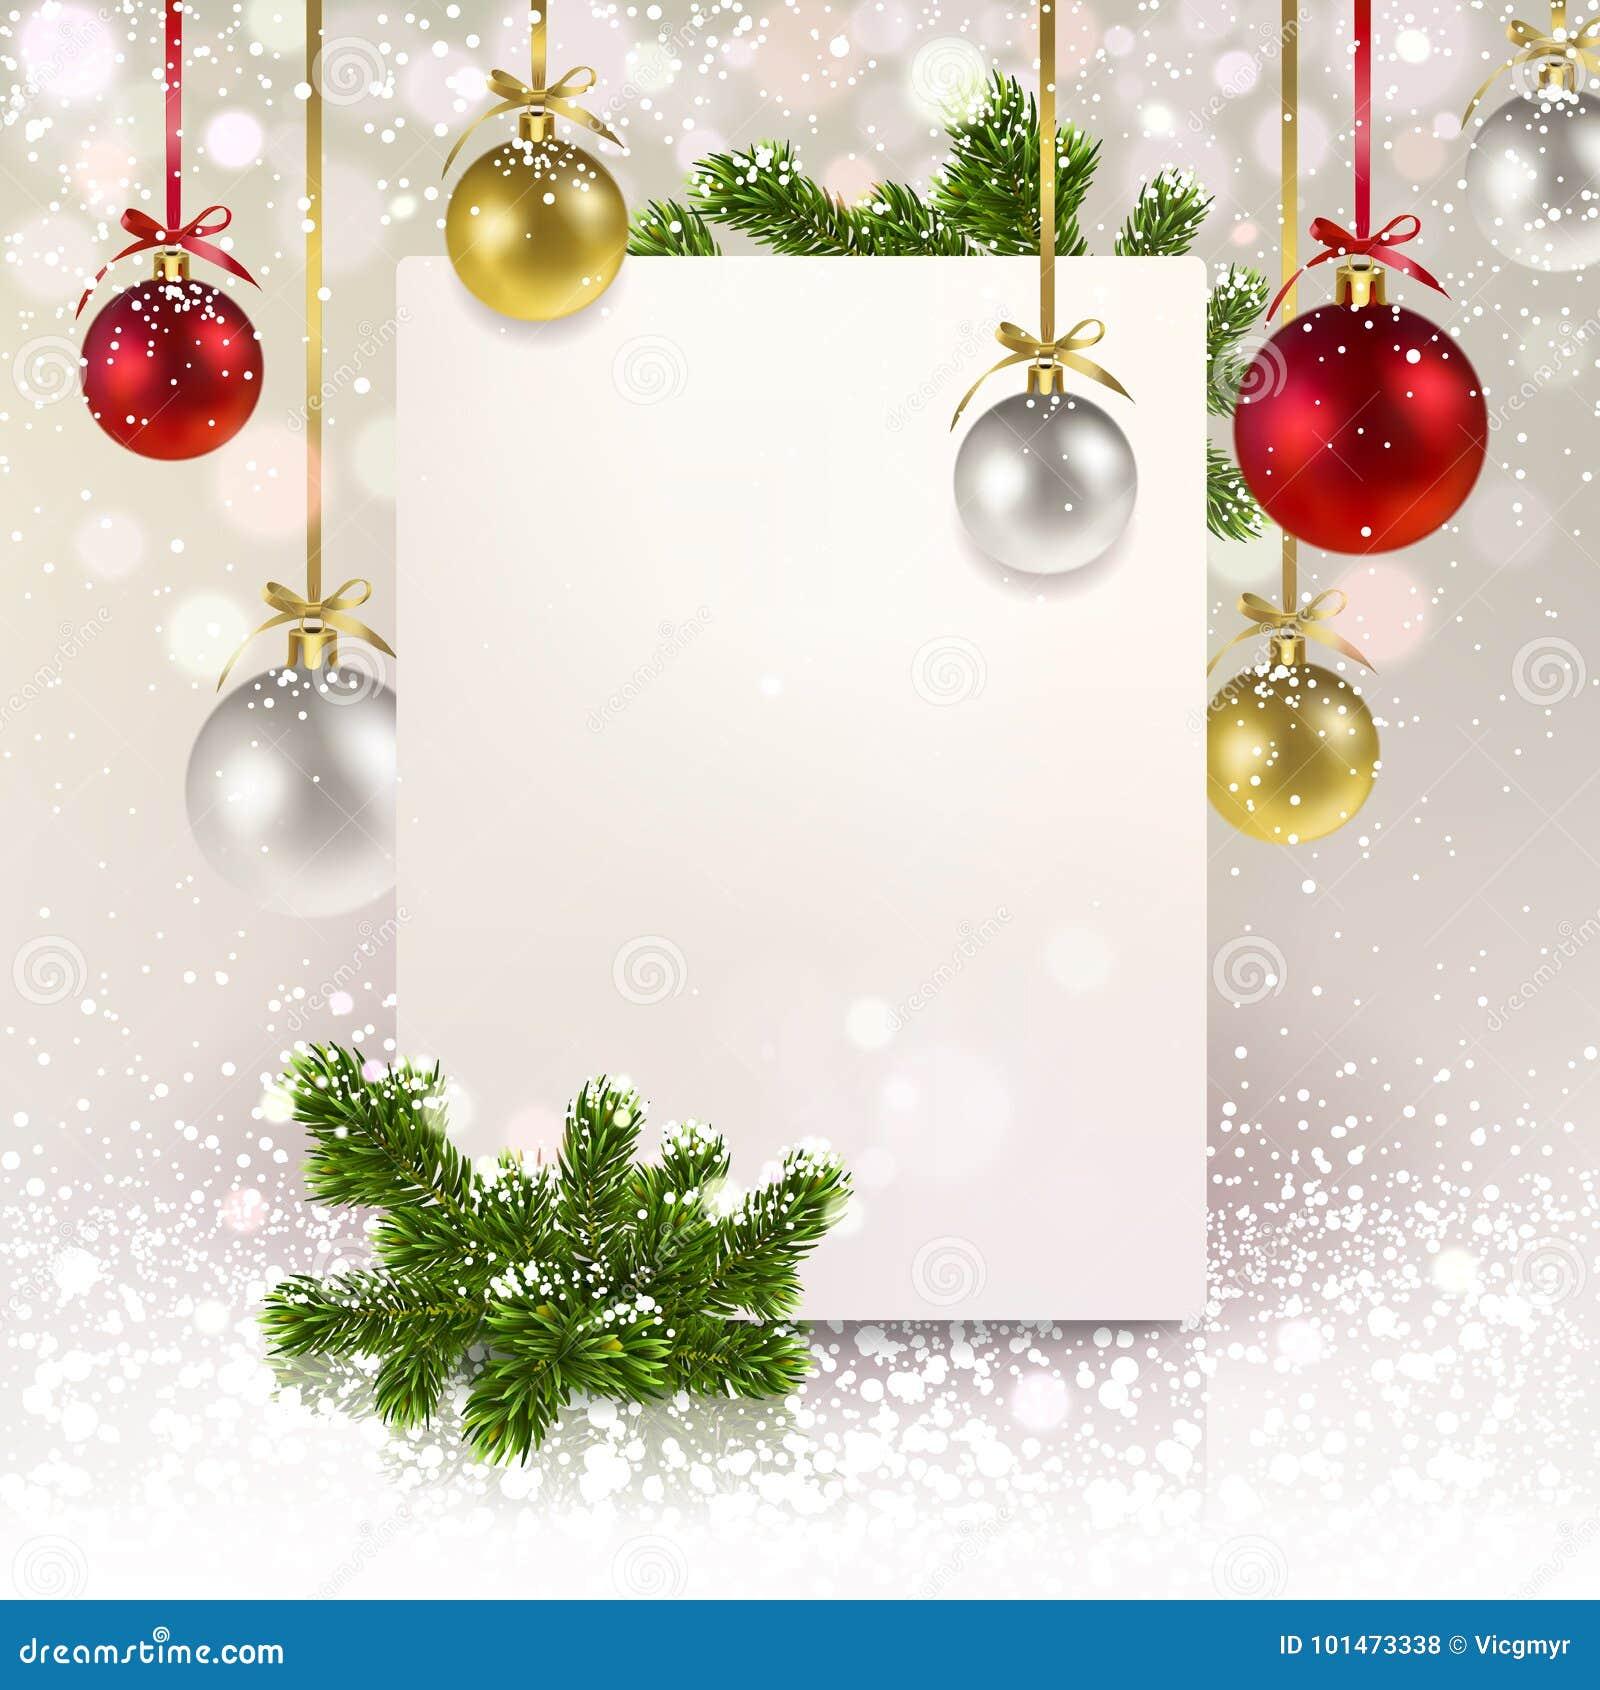 Jul som hälsar banret med julbollar och en prydlig kli